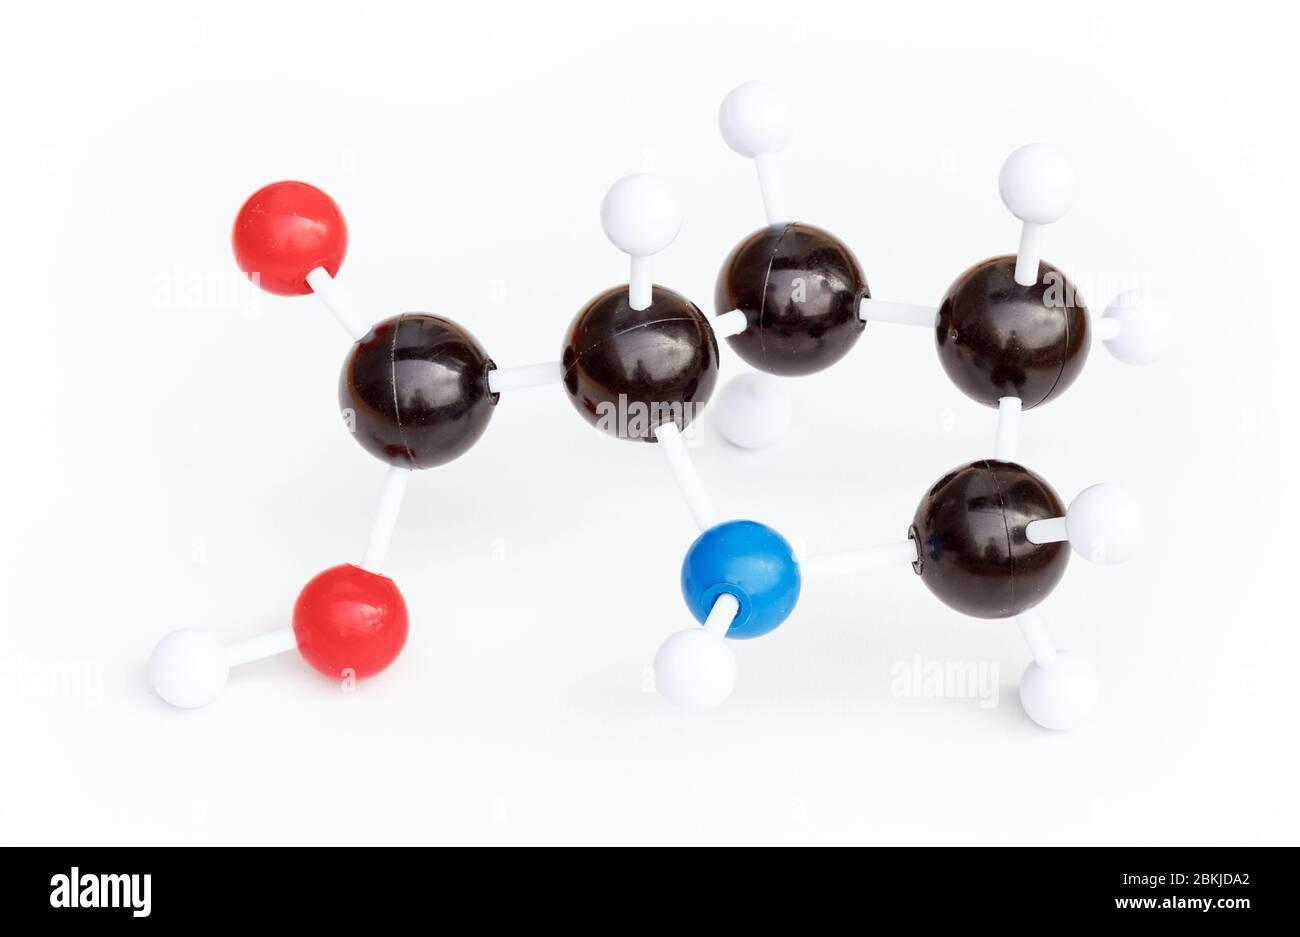 Modelo de bola y palo de plástico de una molécula Proline o L-Proline (Pro) sobre un fondo blanco. Proline es uno de los aminoácidos proteinogénicos. Foto de stock